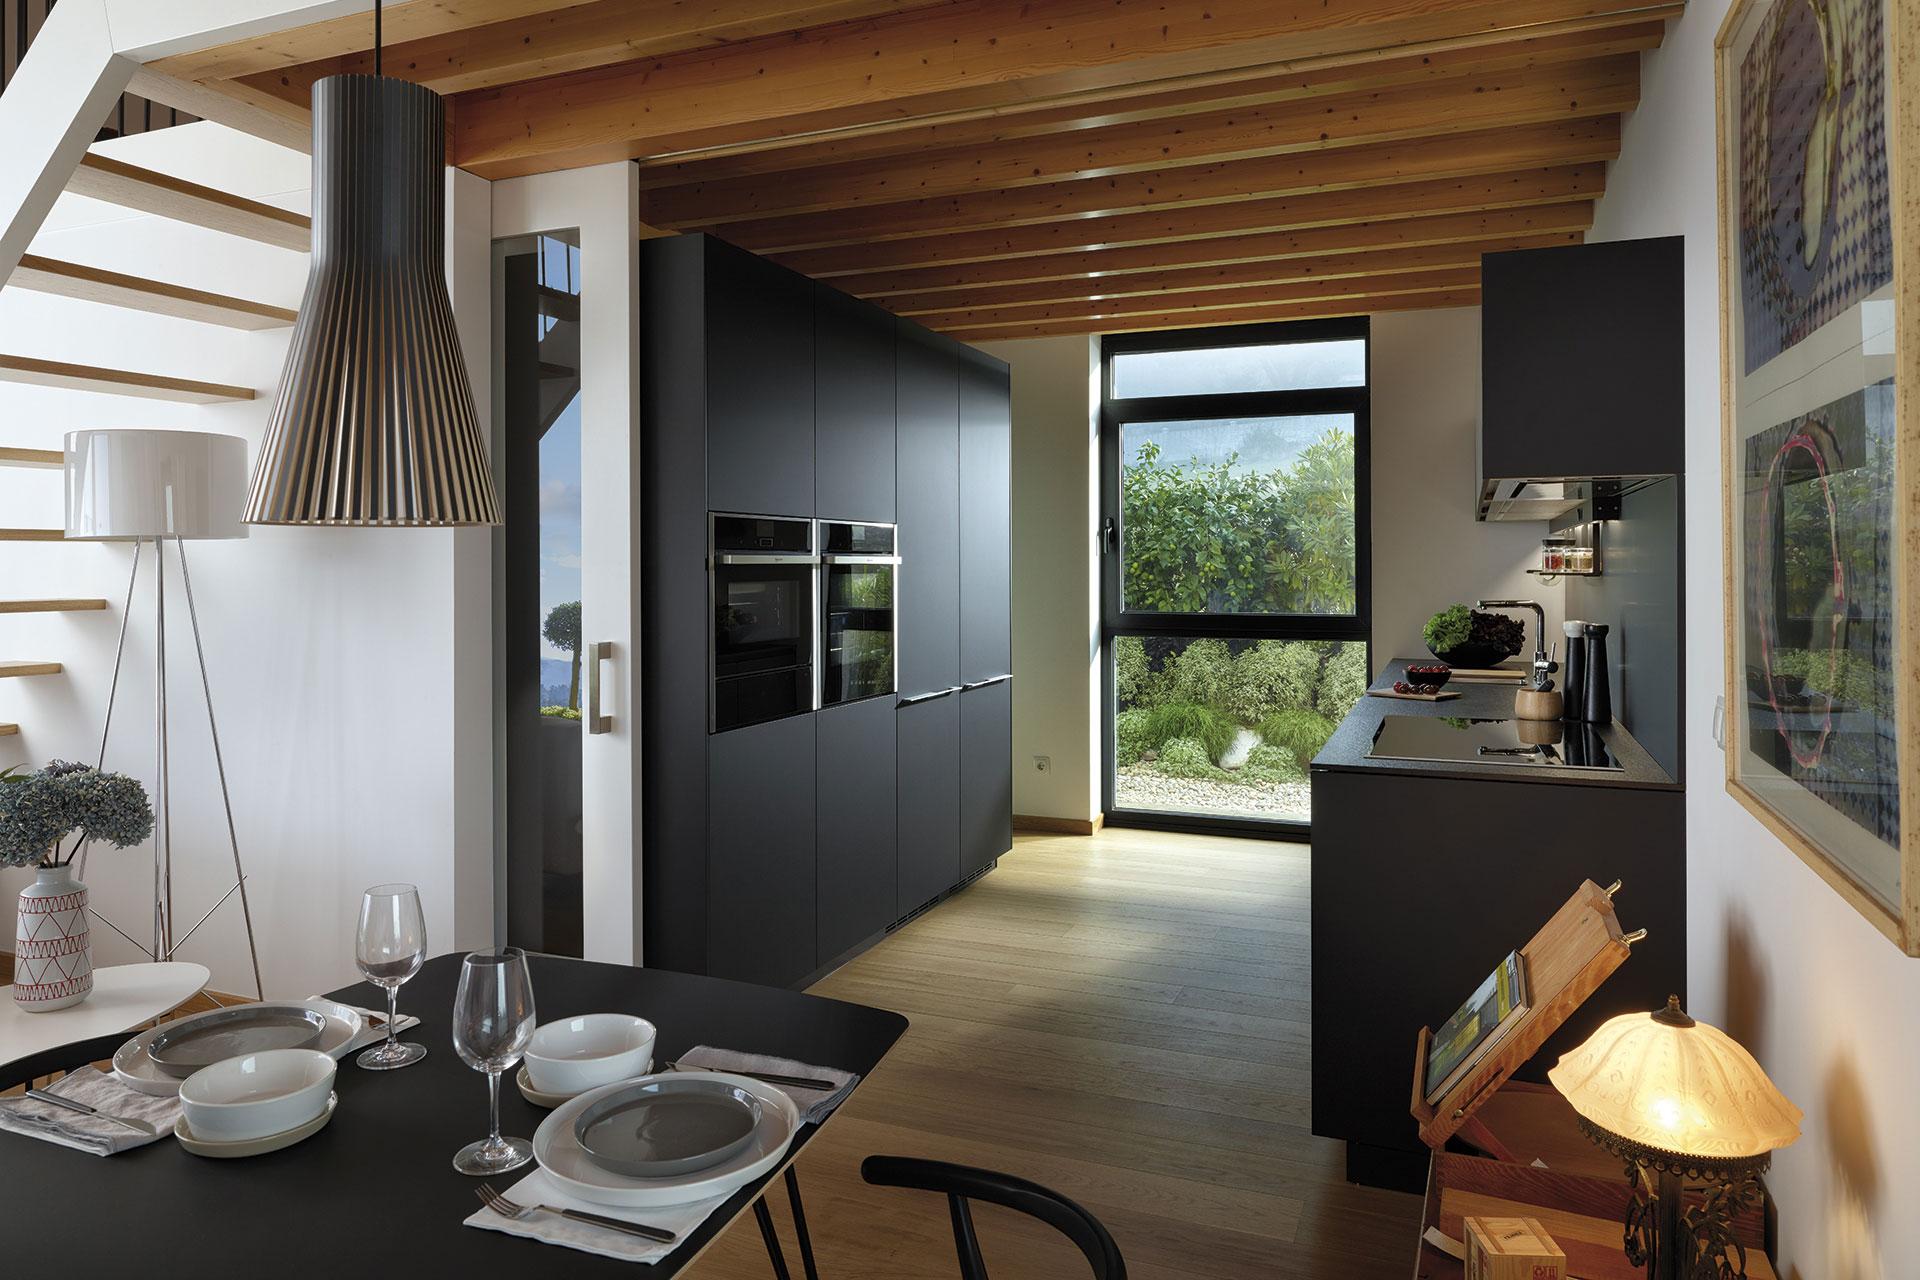 Tendencias: cocinas abiertas | Line LAH laminado Negro Seda | Cocinas Santos | Santiago Interiores